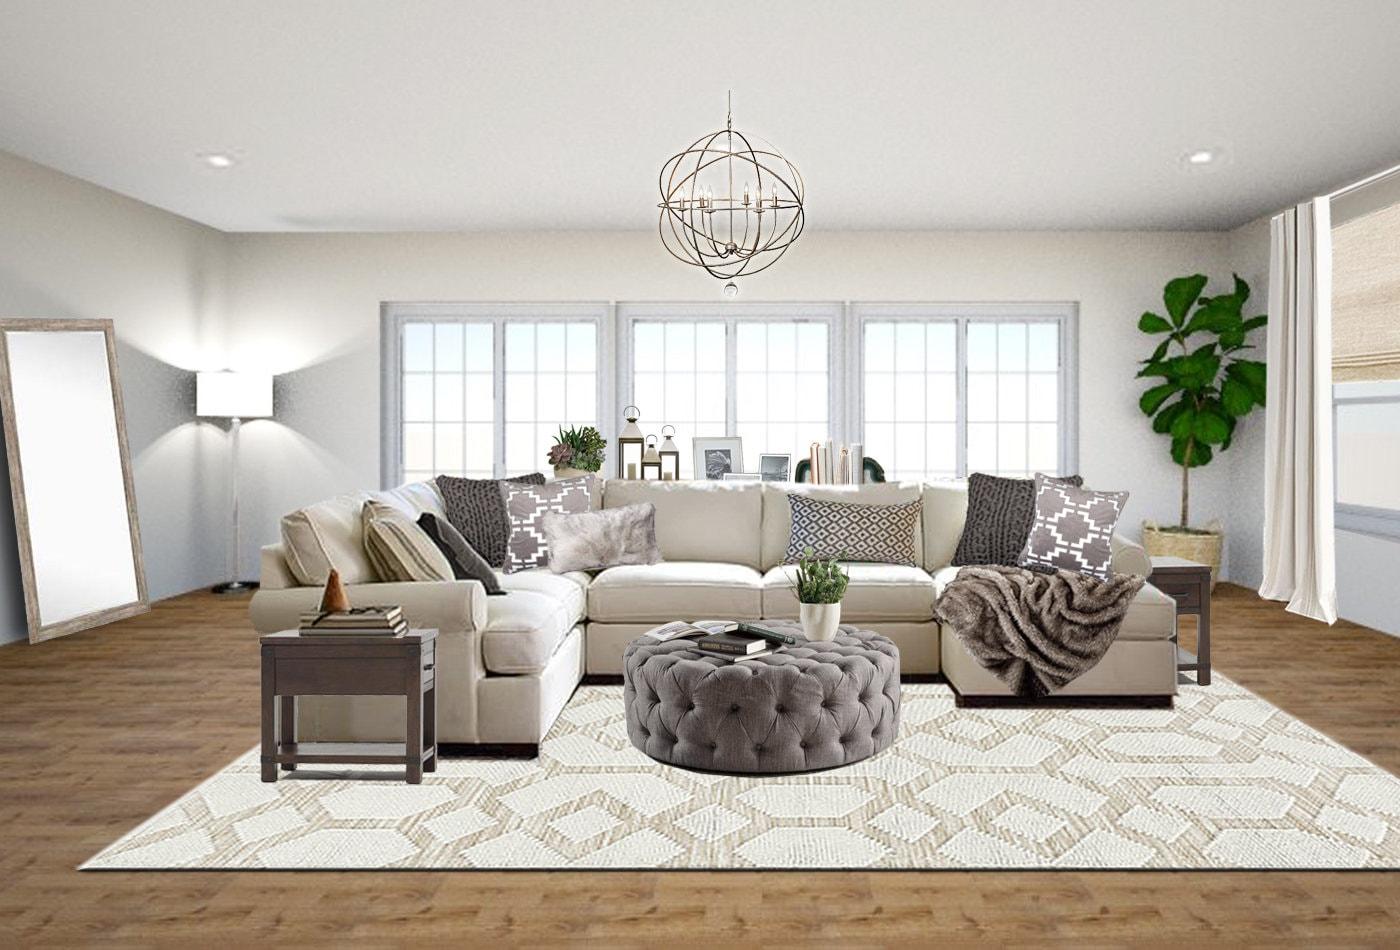 astounding neutral living room design | Transitional Living Room Designs Neutral Living Room ...